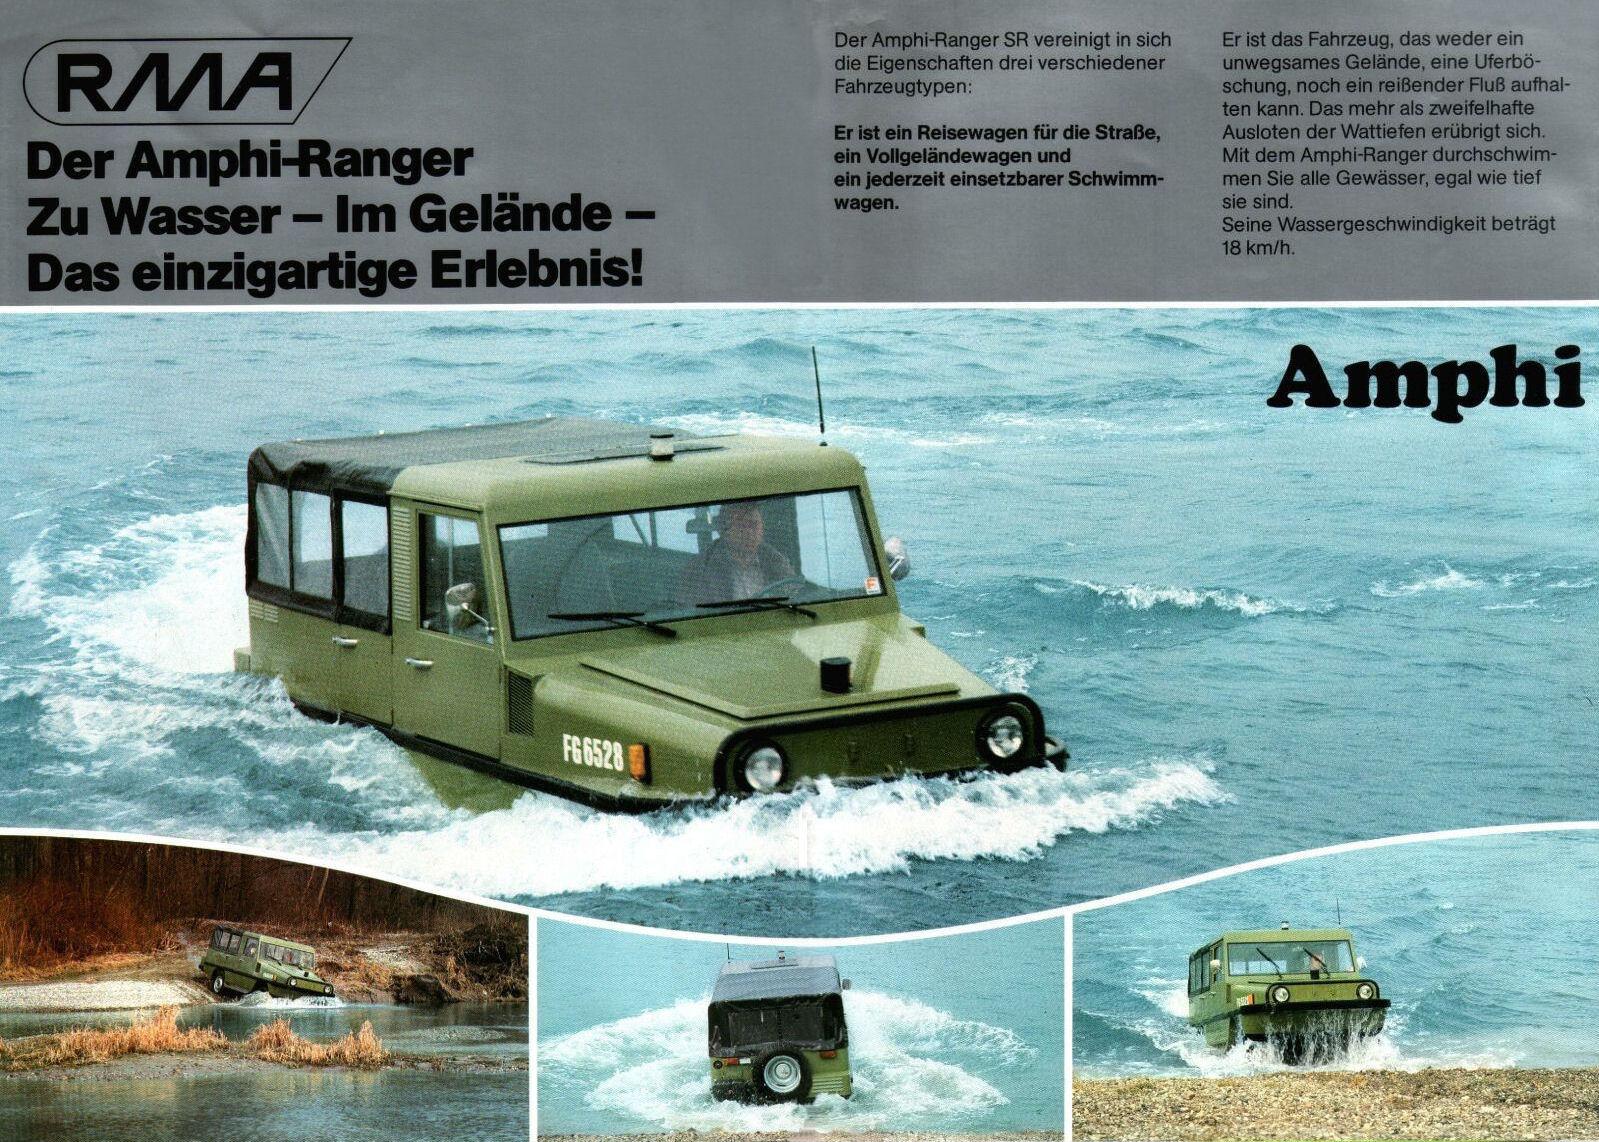 1984 Amphi Ranger brochure